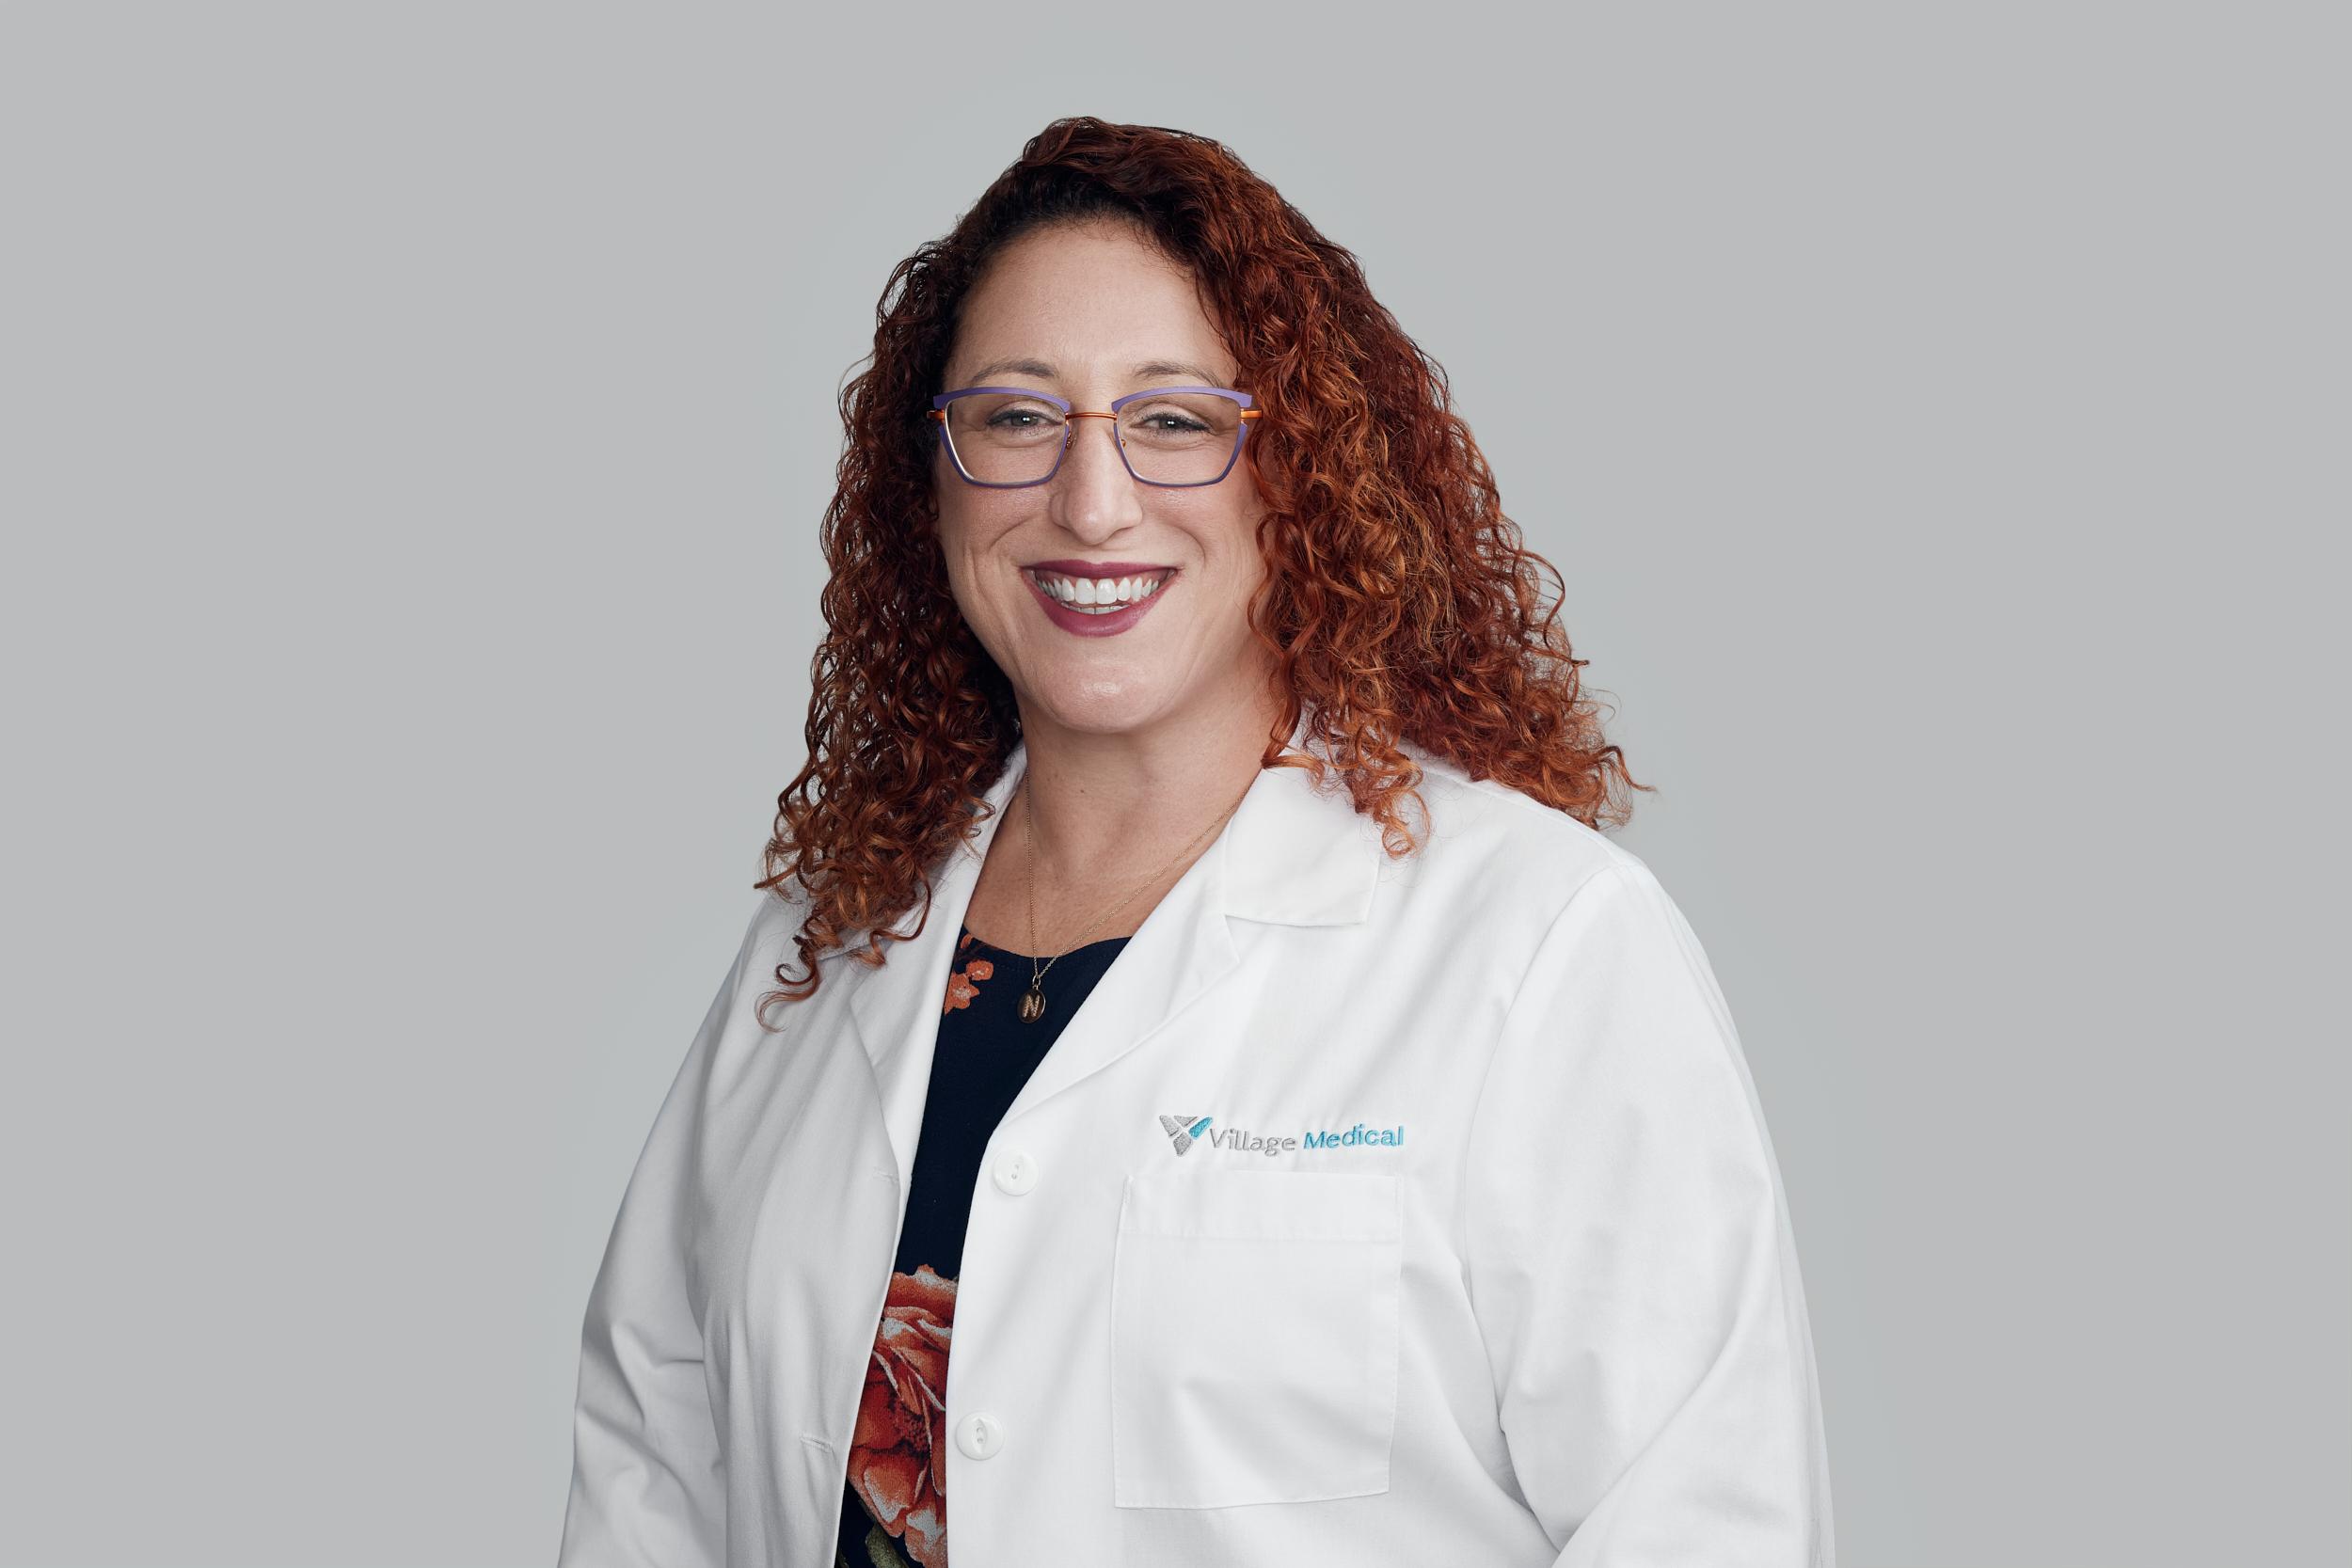 Stephanie Lehrner, DO